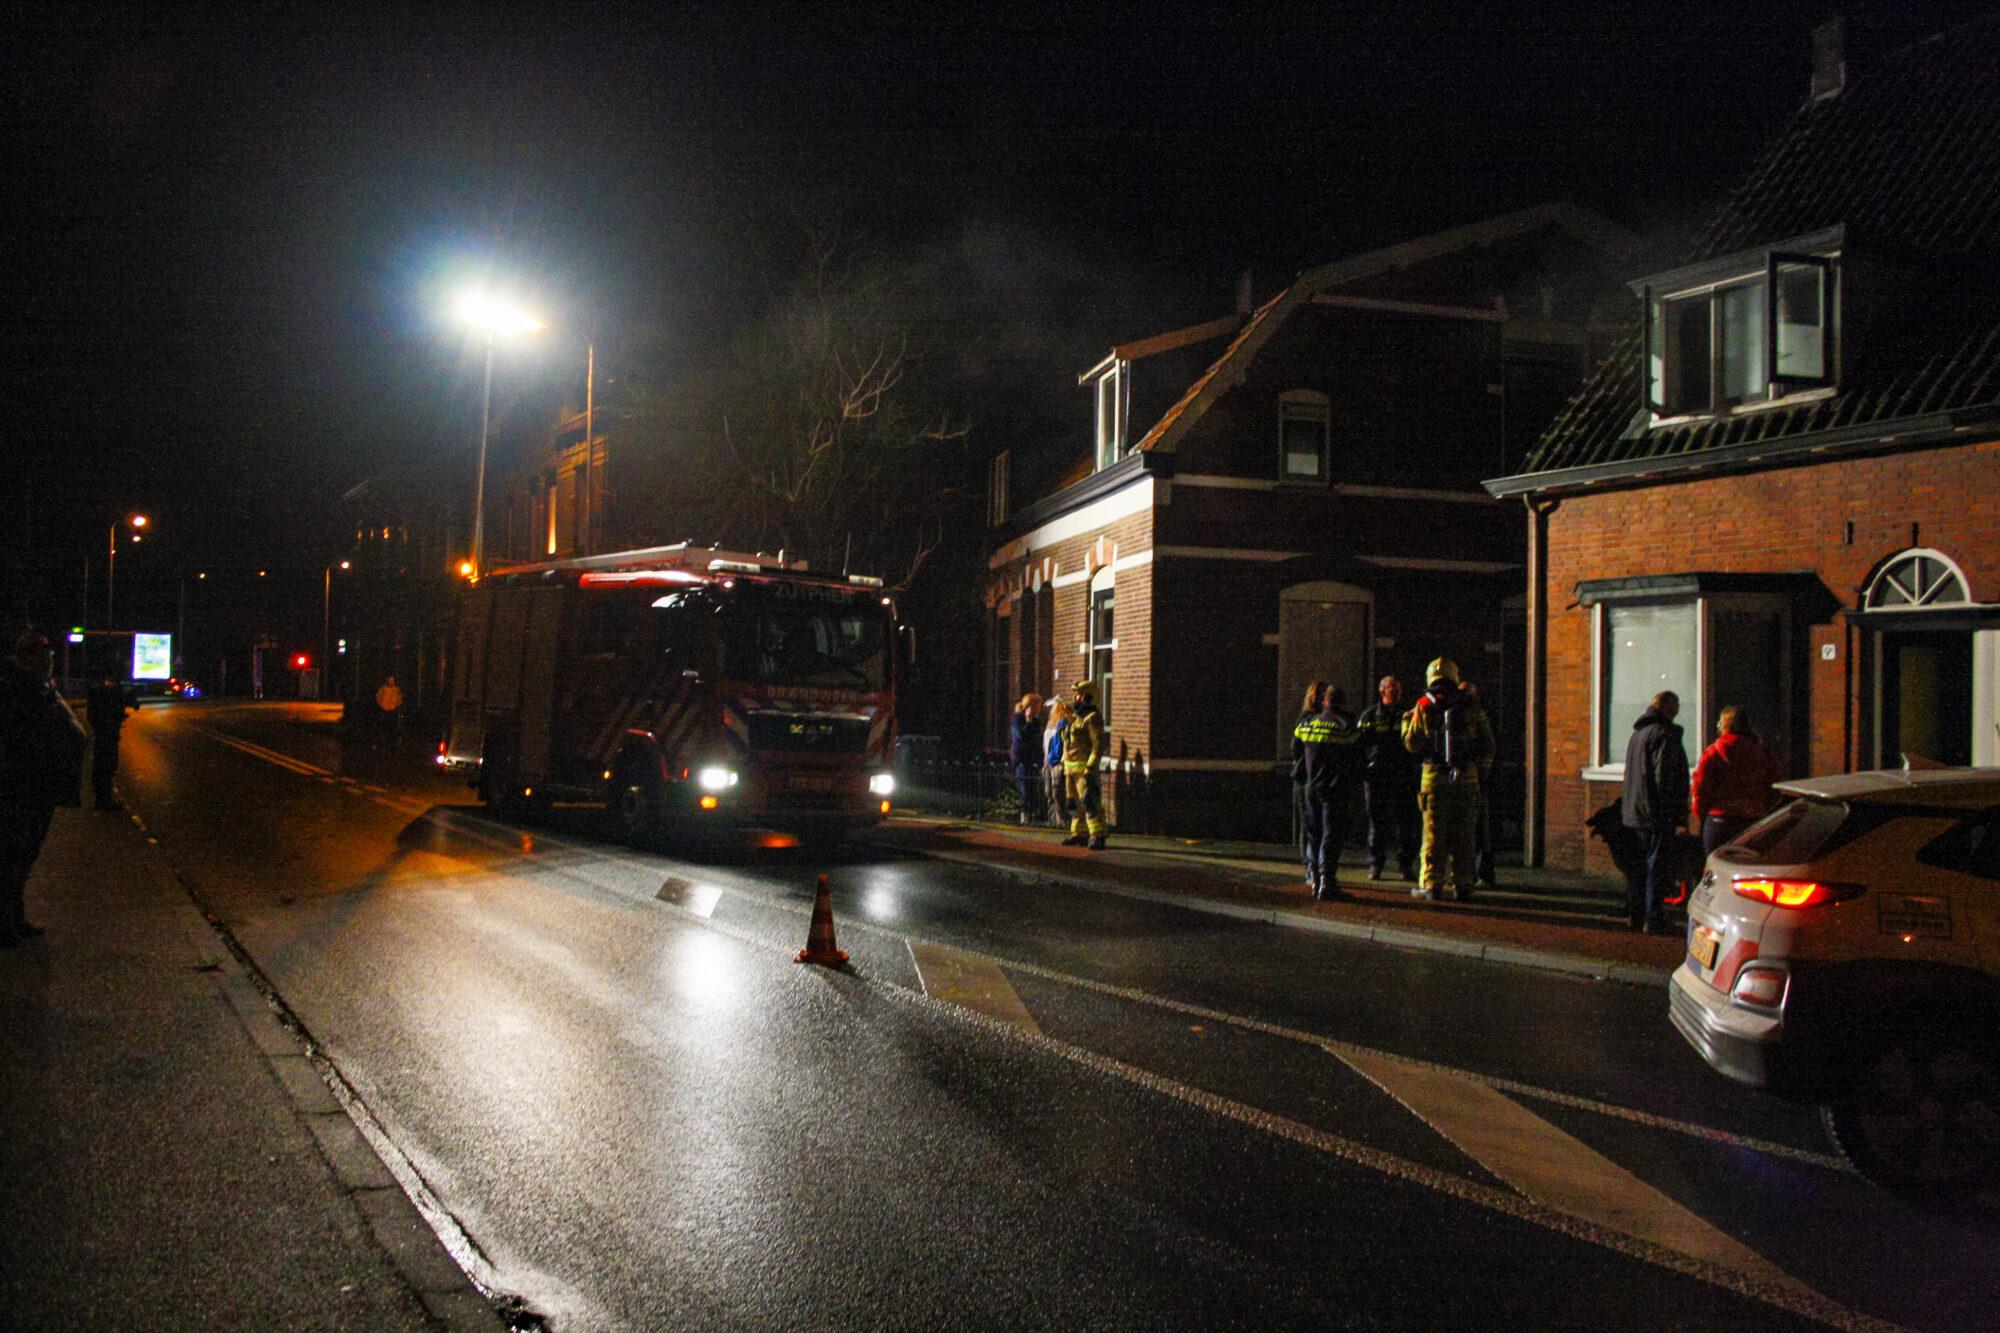 Bewoner naar ziekenhuis na brand in woning Zutphen